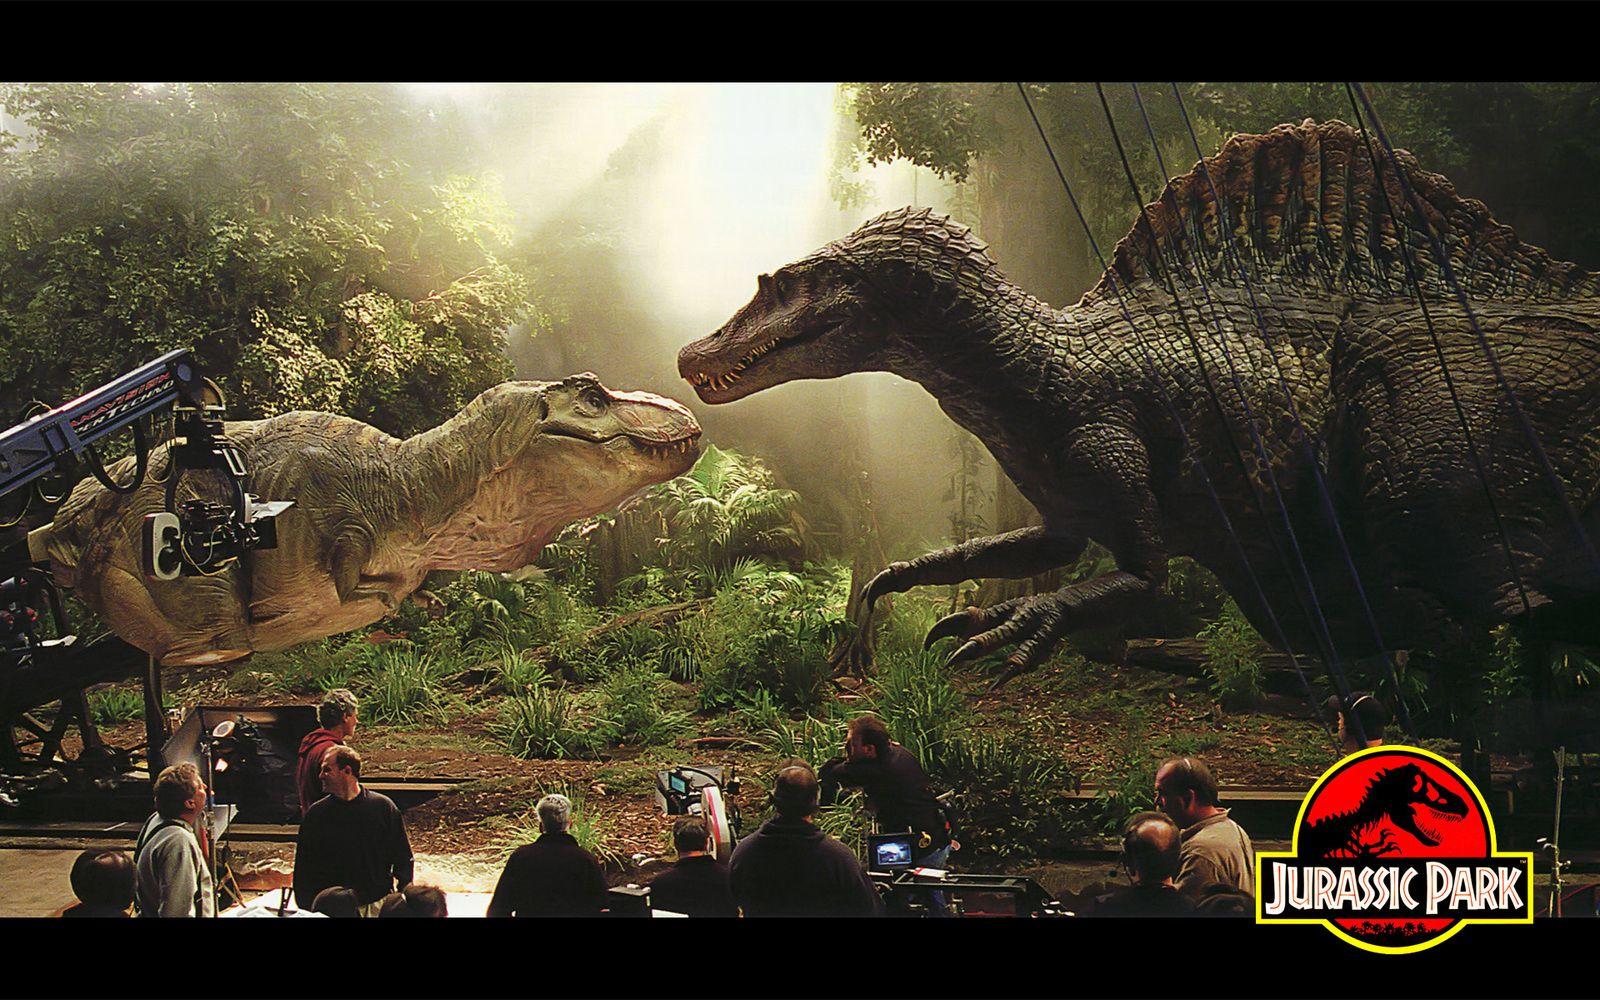 jurassic park 3 spinosaurus Google Search Jurassic